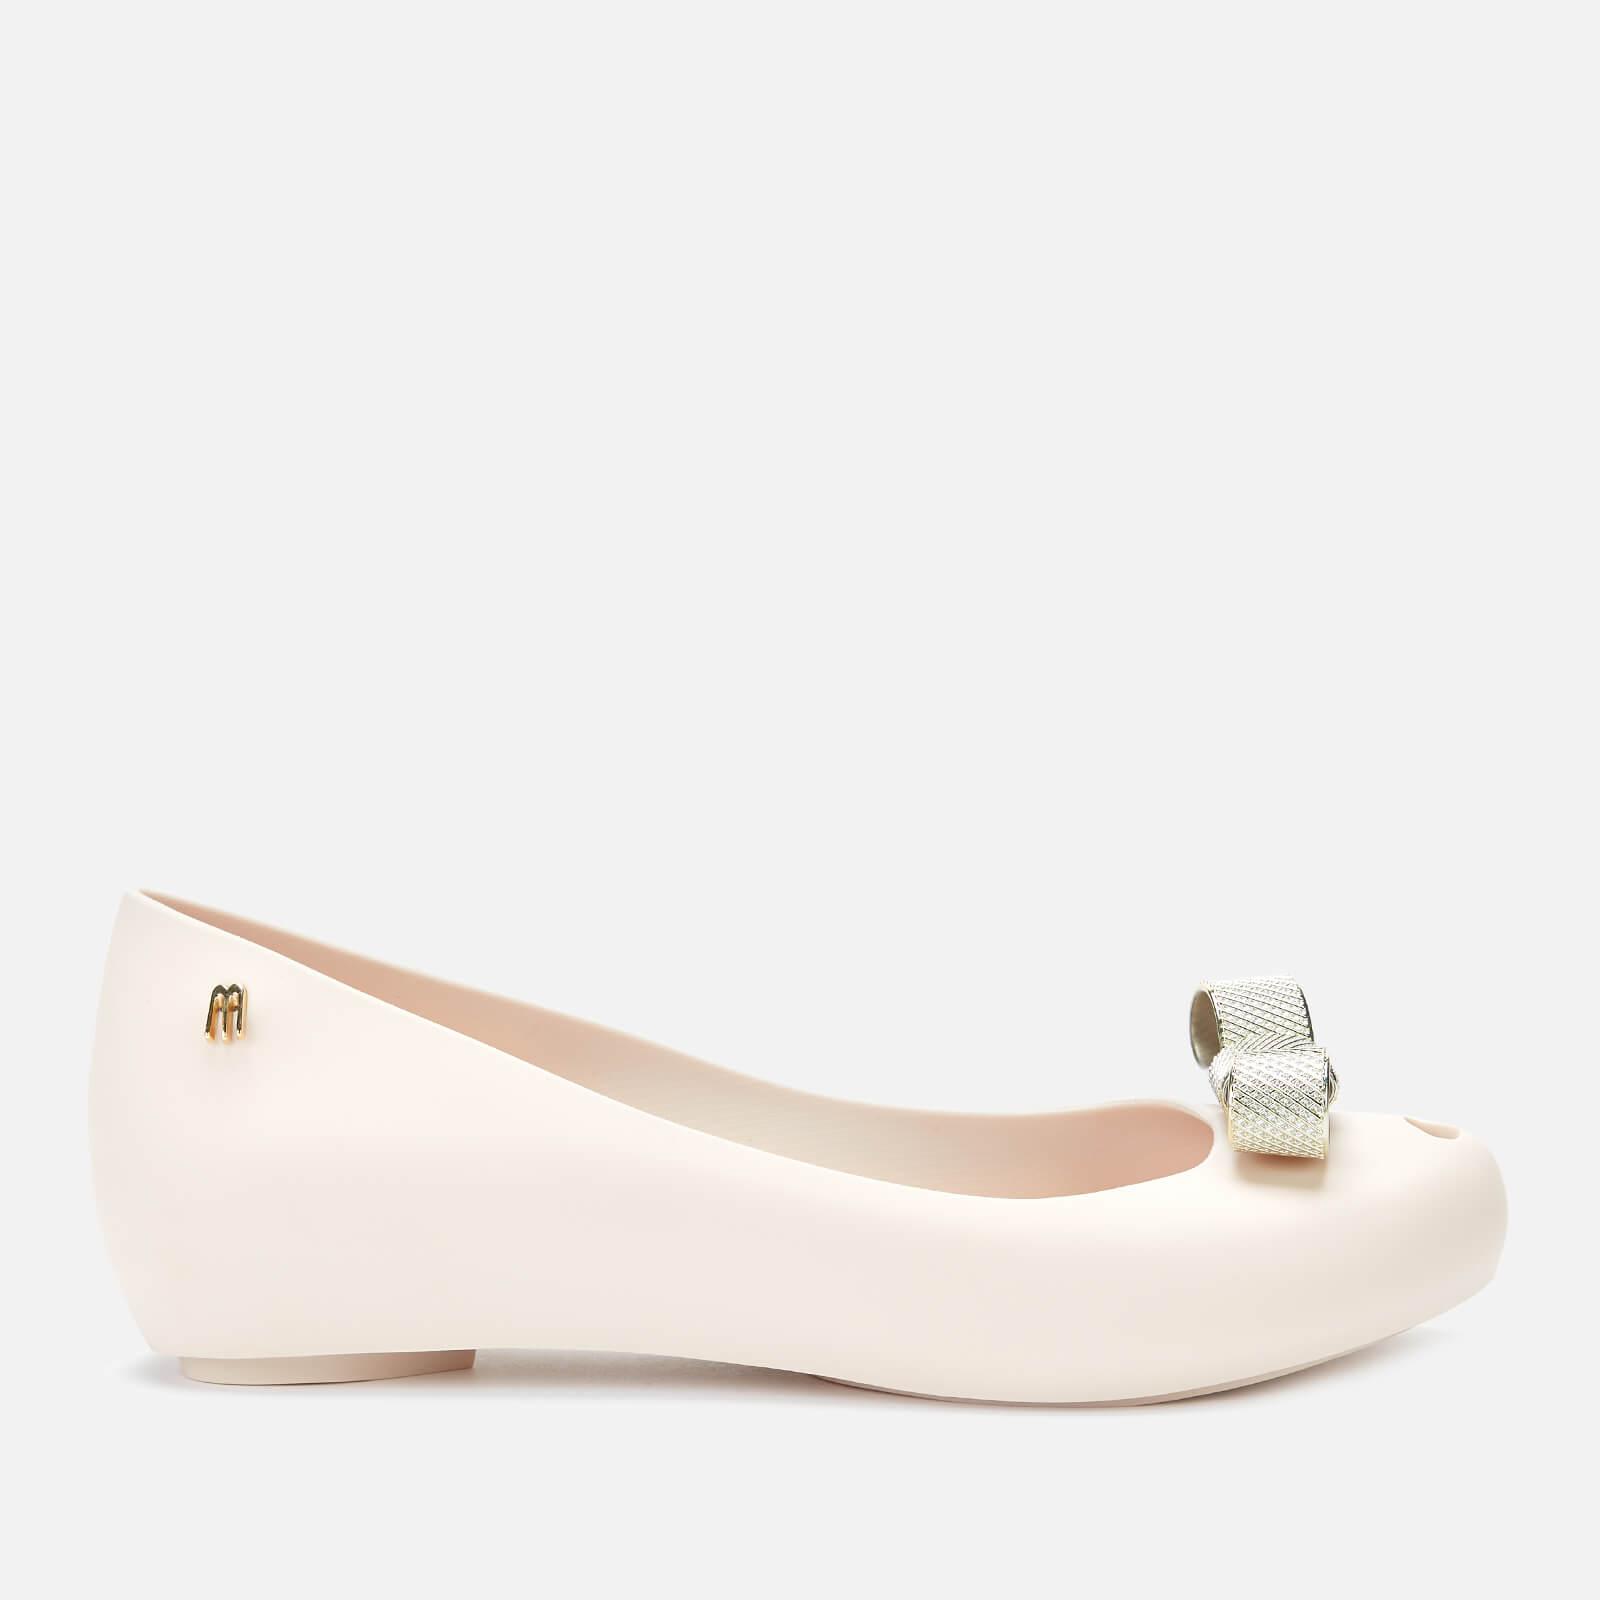 Melissa Women's Ultragirl Chrome Tie Ballet Flats - Ivory - UK 6 - White